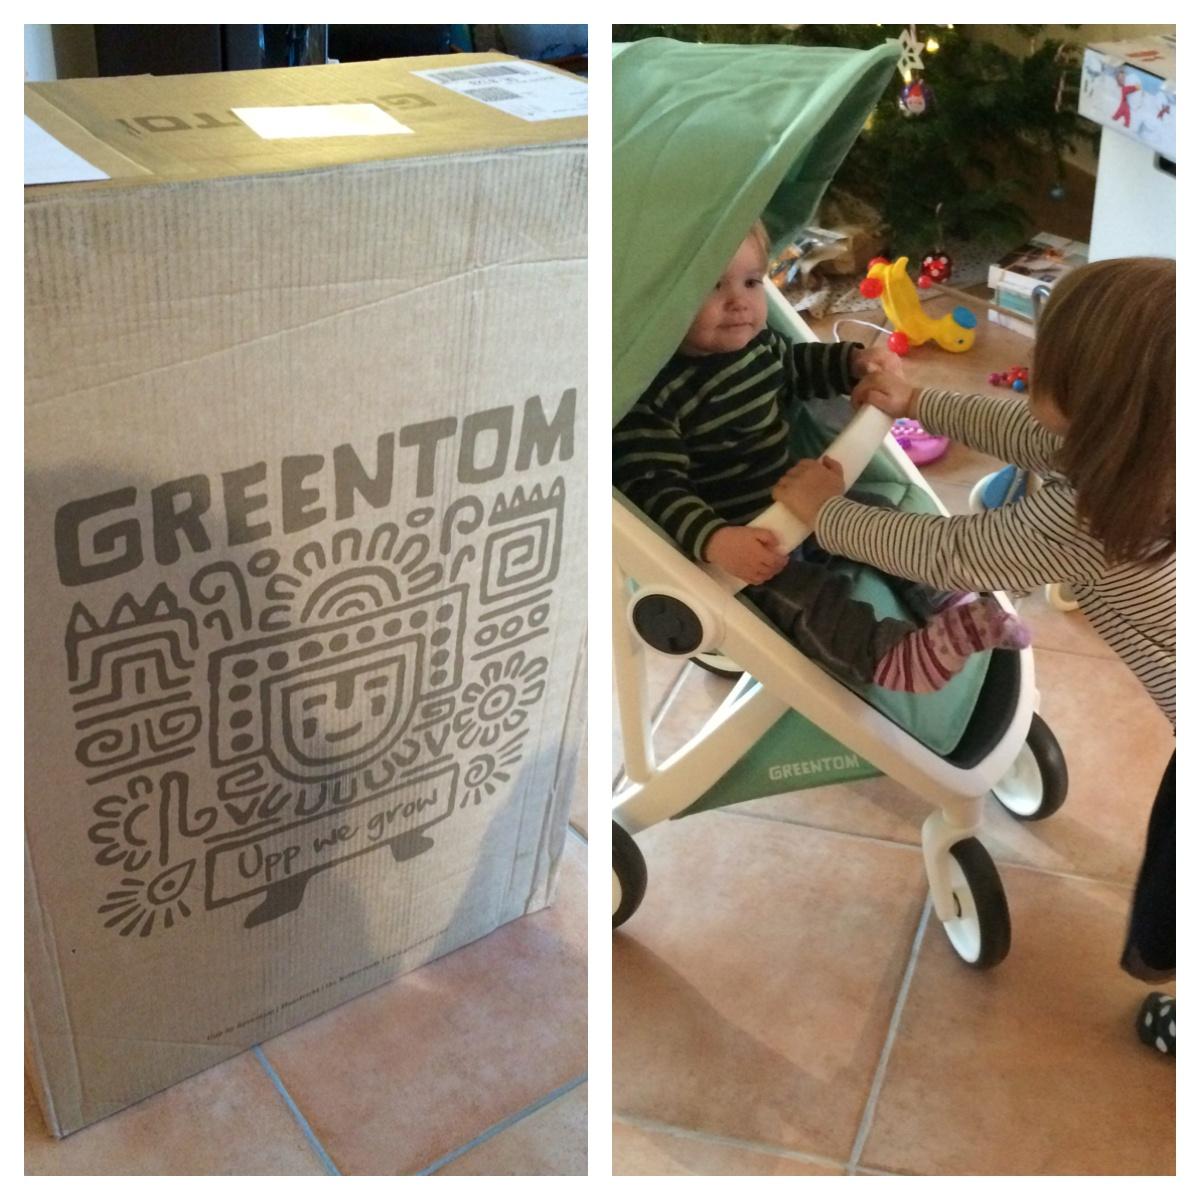 Im Test: der neue Greentom Upp Classic